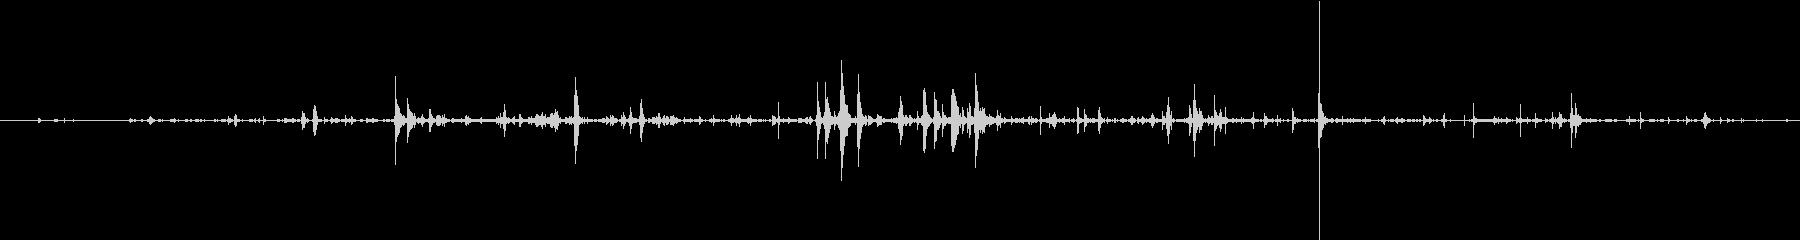 ヘビーボーンクランチ拷問&ホラーの未再生の波形